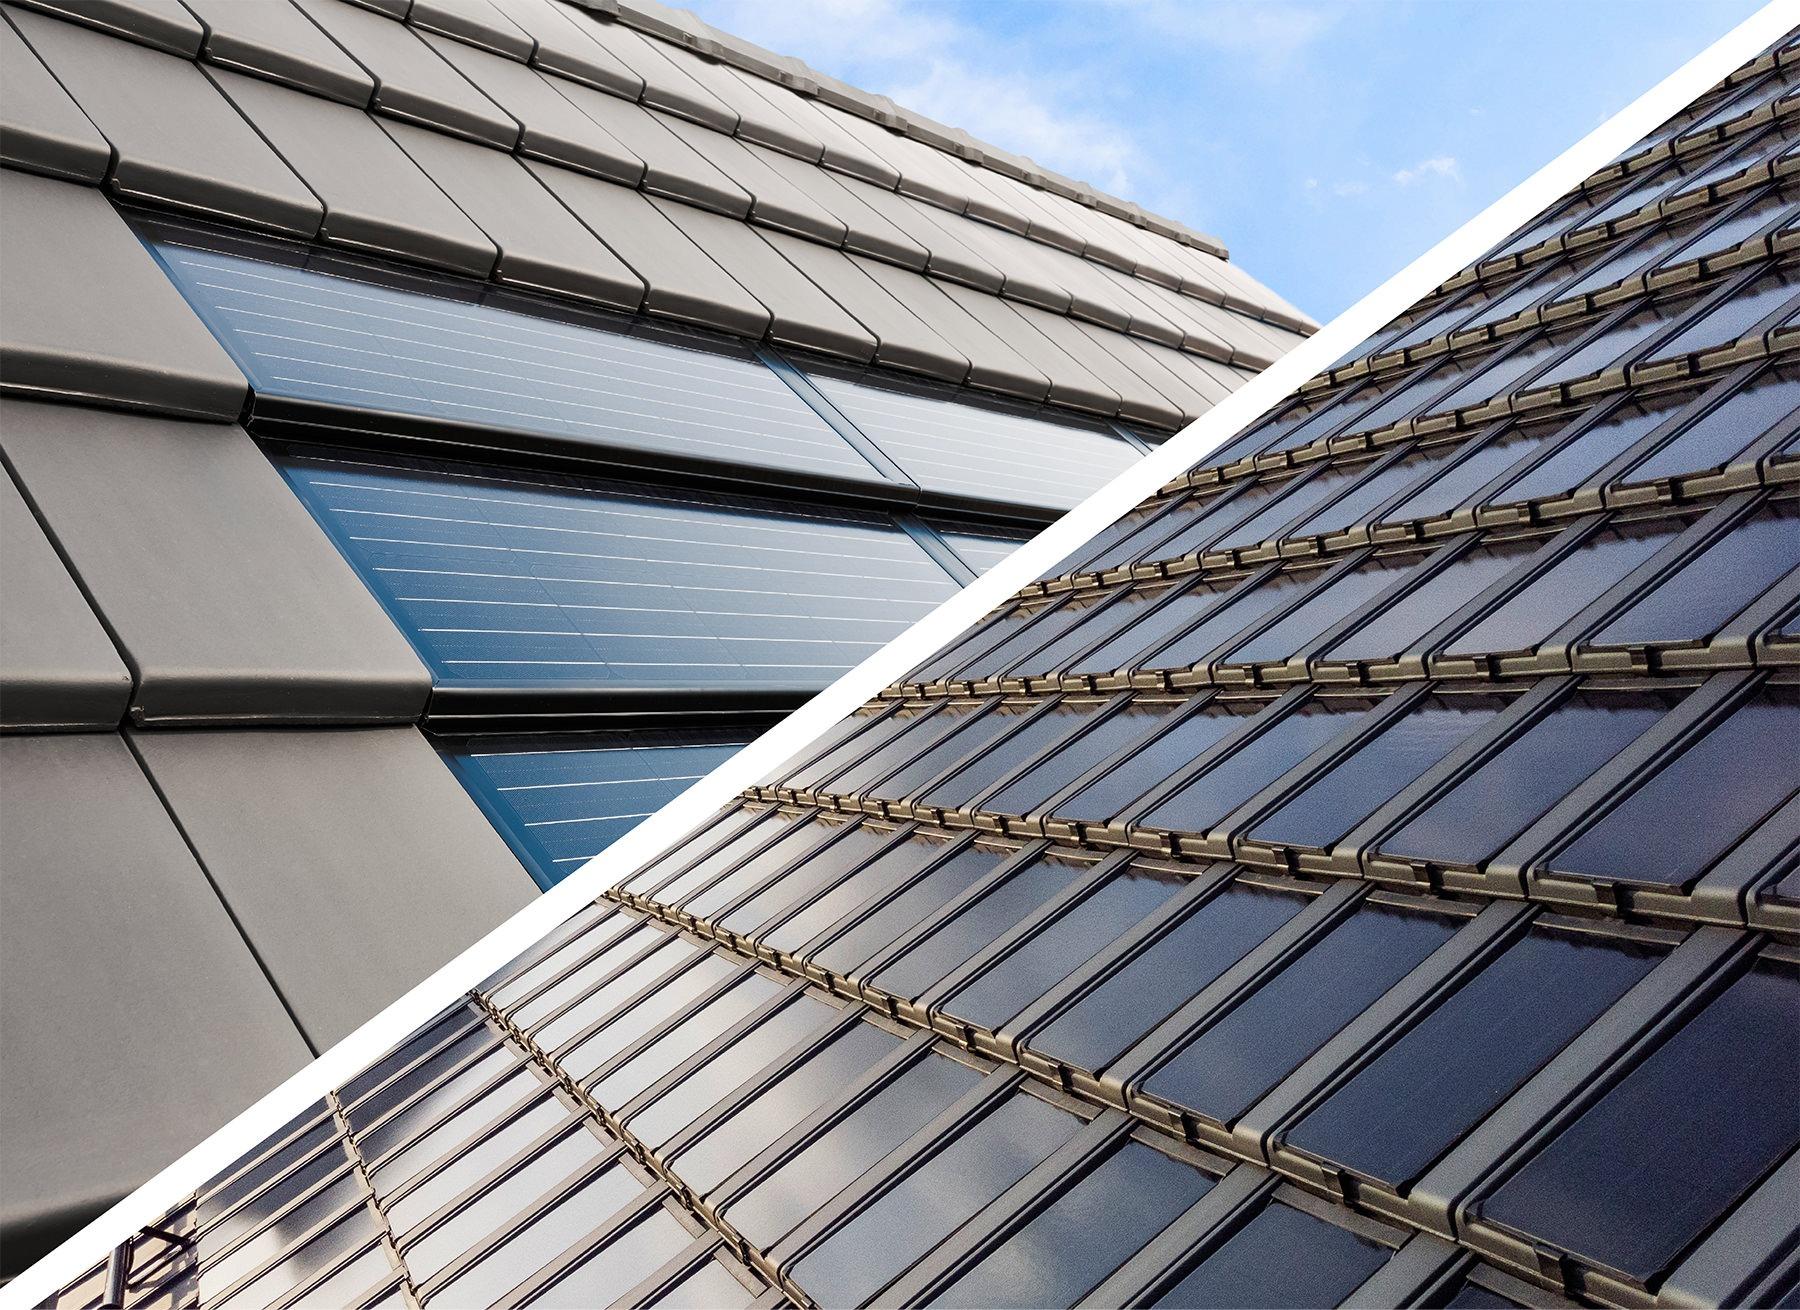 Photovoltaik Solarmodule PAN 29 und FIT 52 aus der Schweiz von Gasser Ceramic